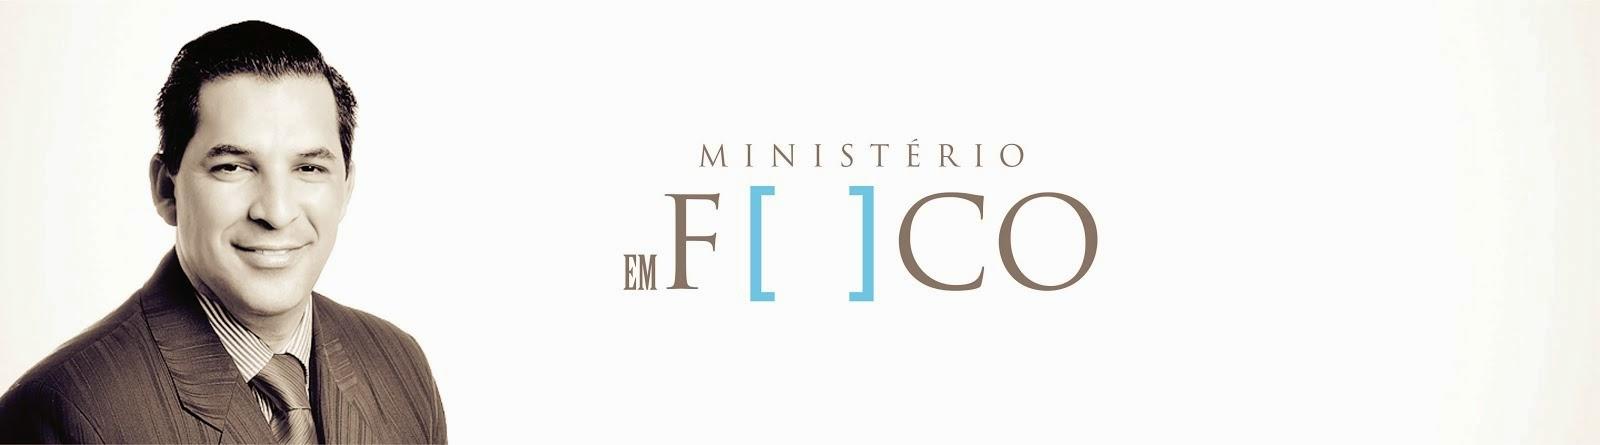 MINISTÉRIO EM FOCO